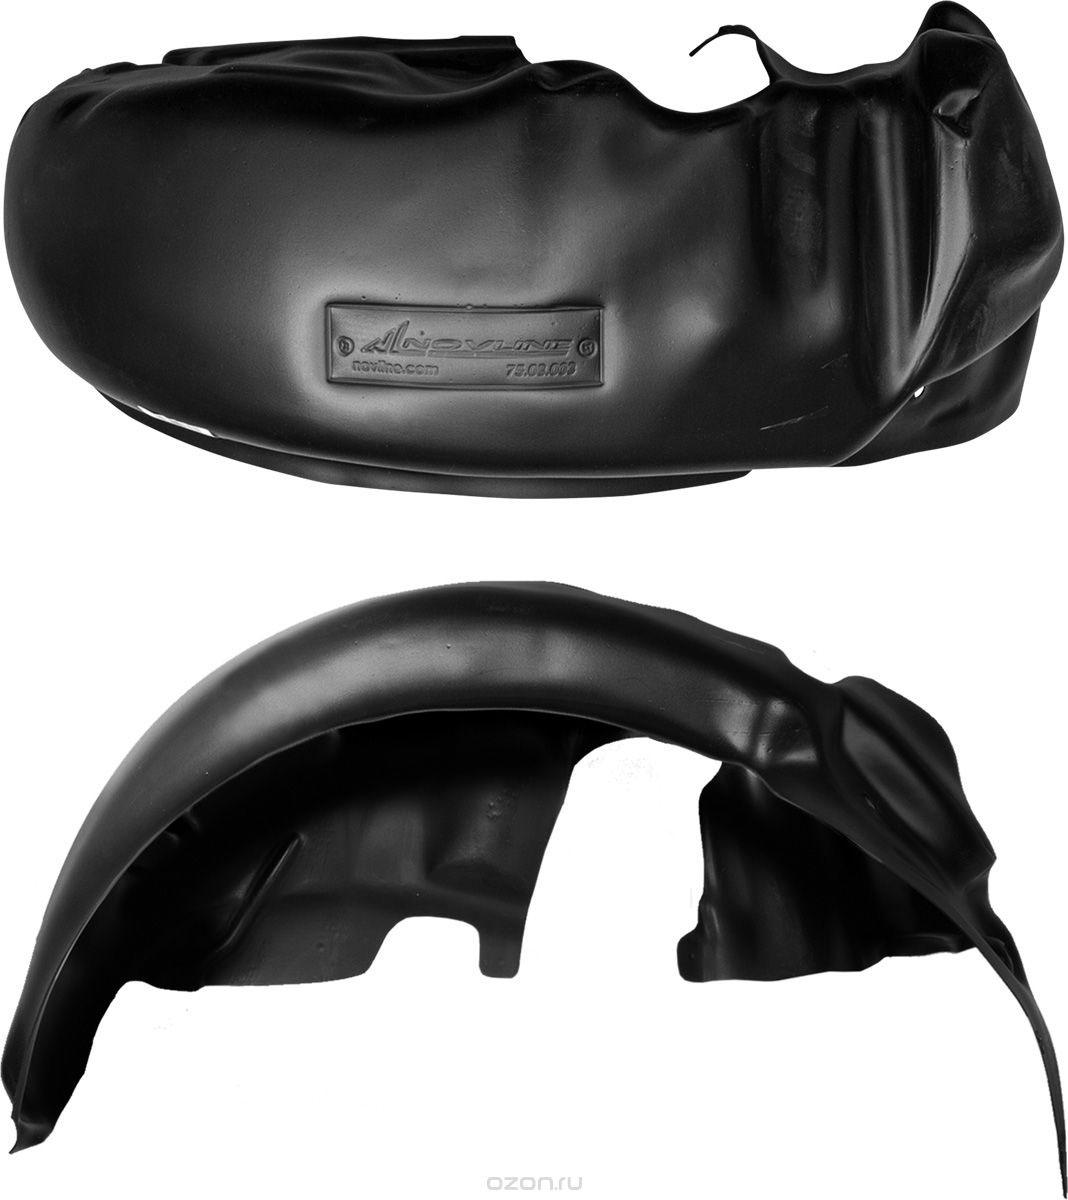 Подкрылок Novline-Autofamily, для TOYOTA Corolla 01/2007-2010, 2010-2013, передний левыйNLL.48.15.001Идеальная защита колесной ниши. Локеры разработаны с применением цифровых технологий, гарантируют максимальную повторяемость поверхности арки. Изделия устанавливаются без нарушения лакокрасочного покрытия автомобиля, каждый подкрылок комплектуется крепежом. Уважаемые клиенты, обращаем ваше внимание, что фотографии на подкрылки универсальные и не отражают реальную форму изделия. При этом само изделие идет точно под размер указанного автомобиля.